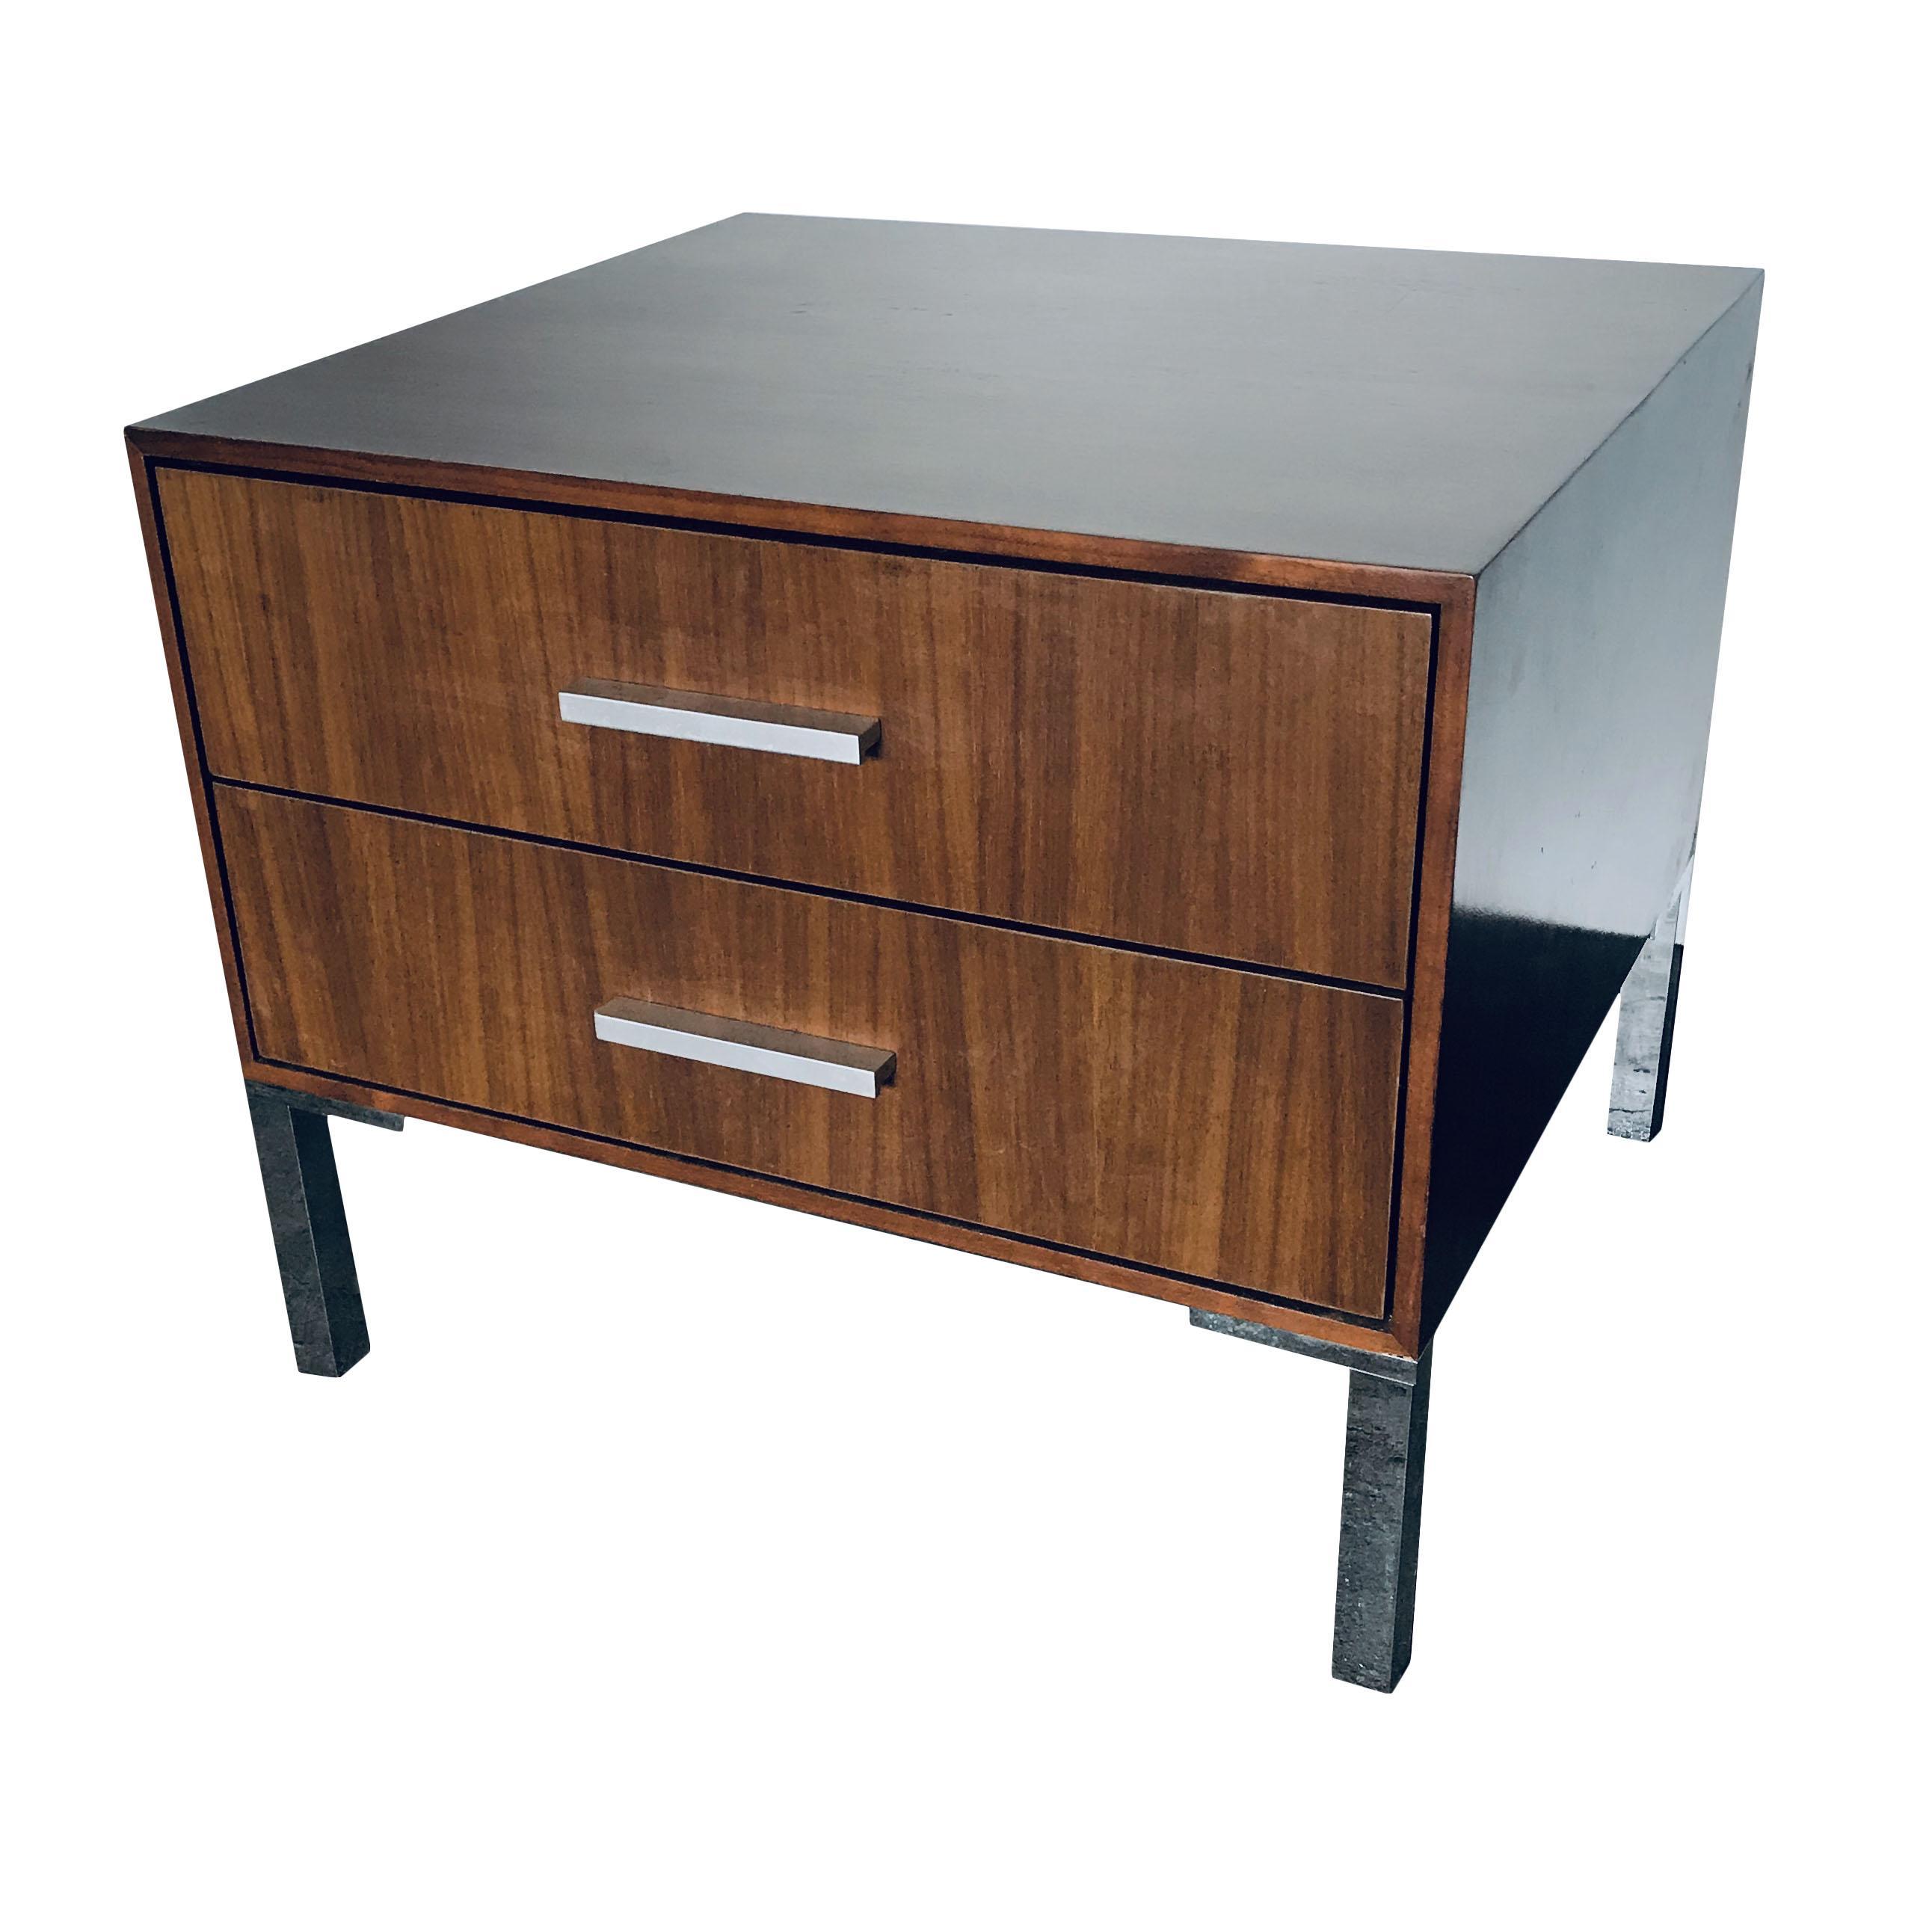 Walnut Bedside Table with Steel Legs